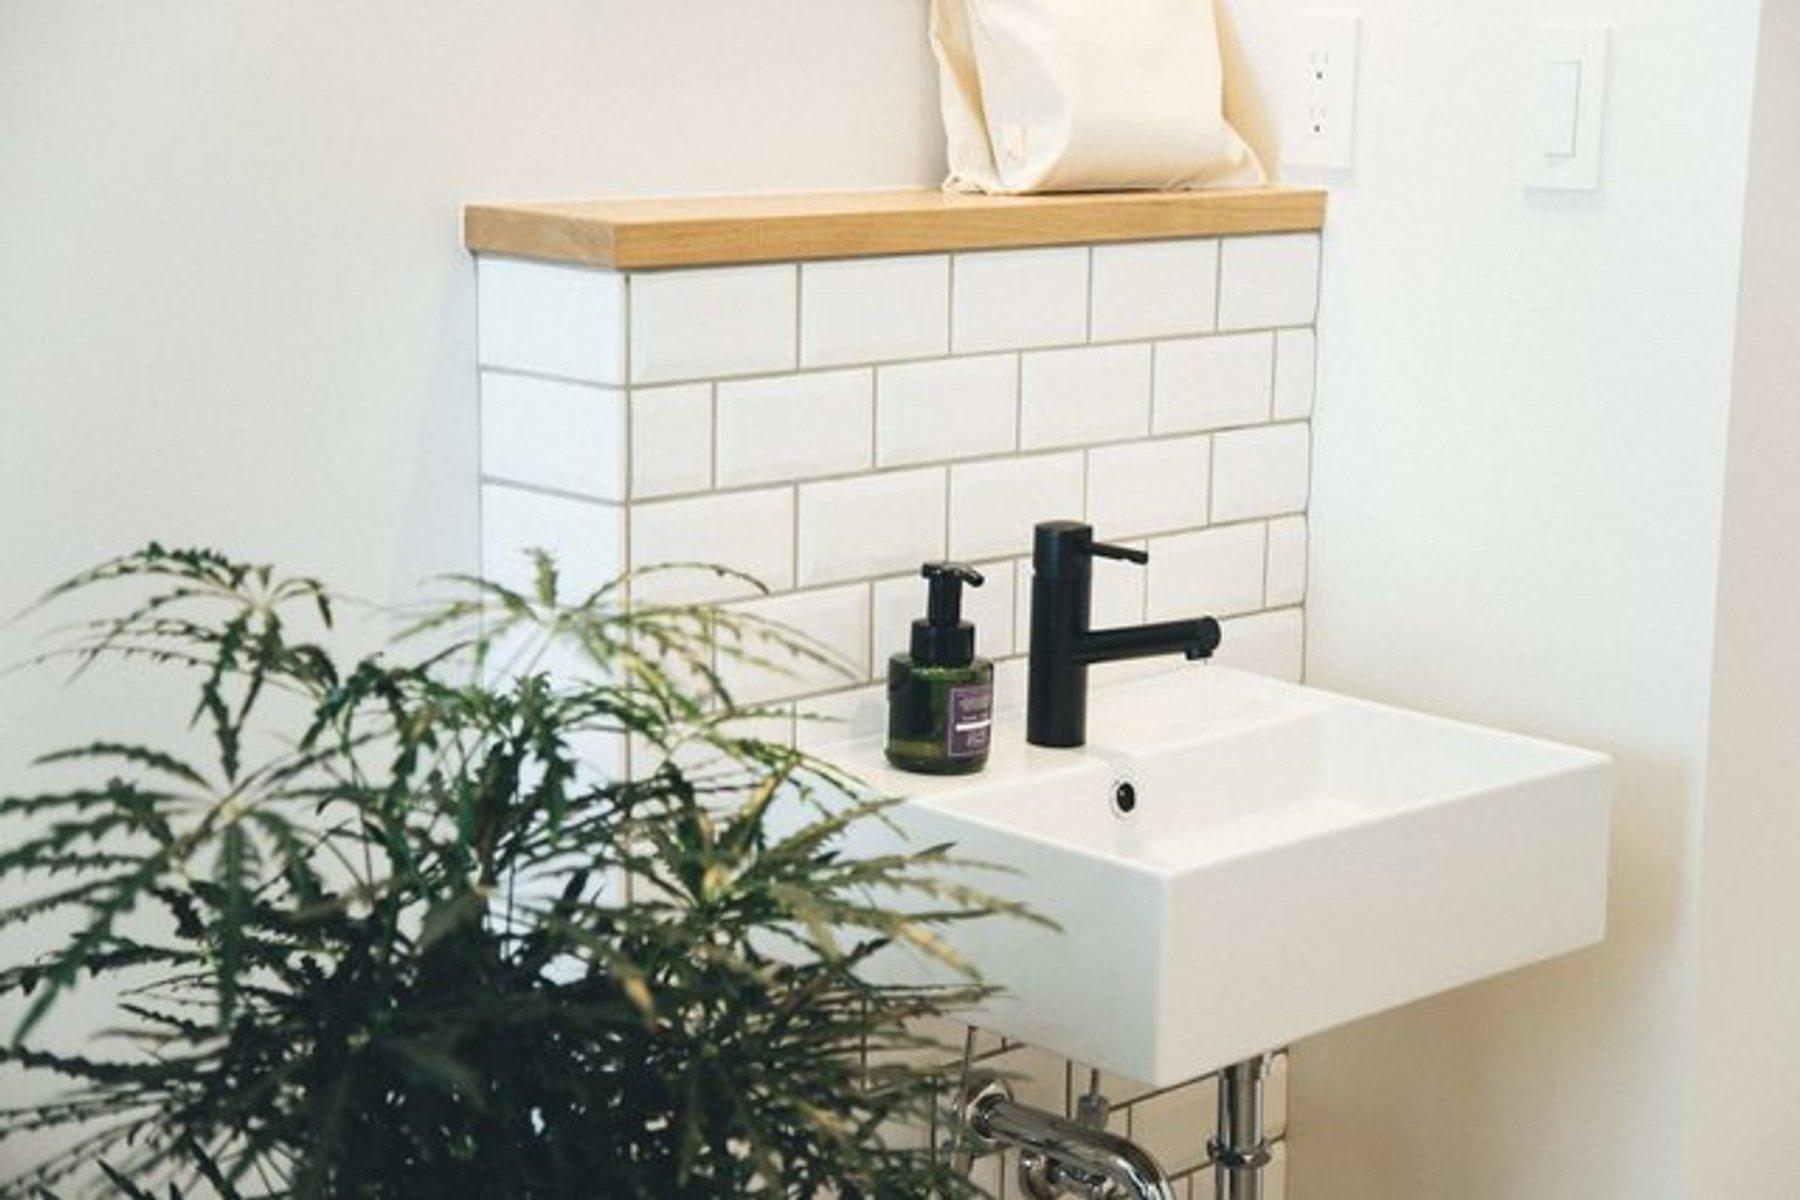 バスルーム・トイレは共同ですが、洗面台は個室についています。毎日ここで支度ができるなんて、夢みたい!